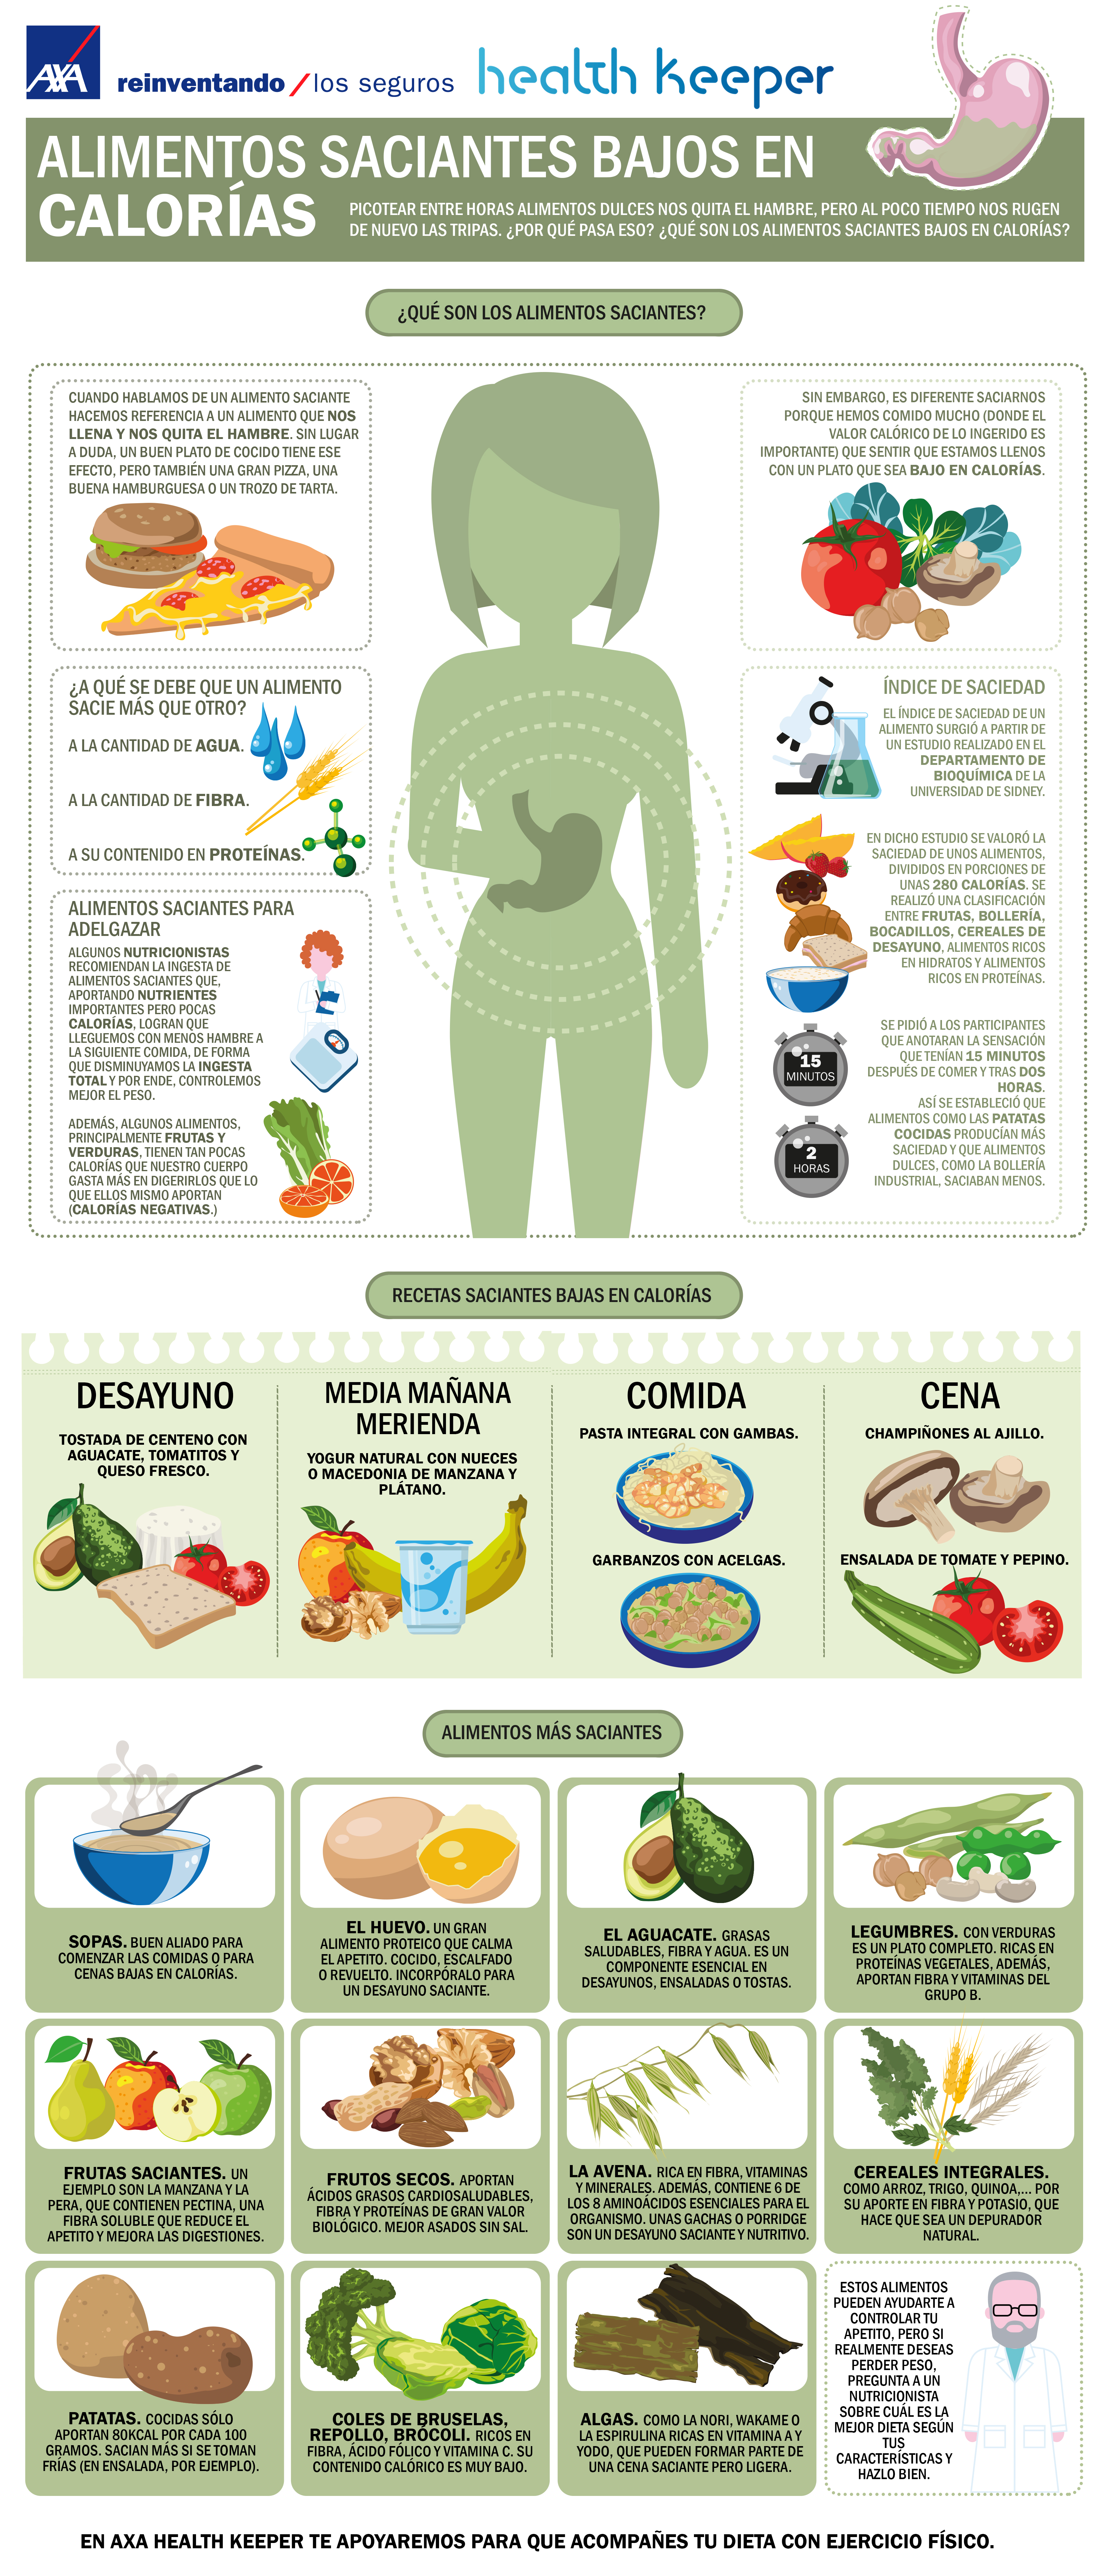 Alimentos bajas en calorias para adelgazar